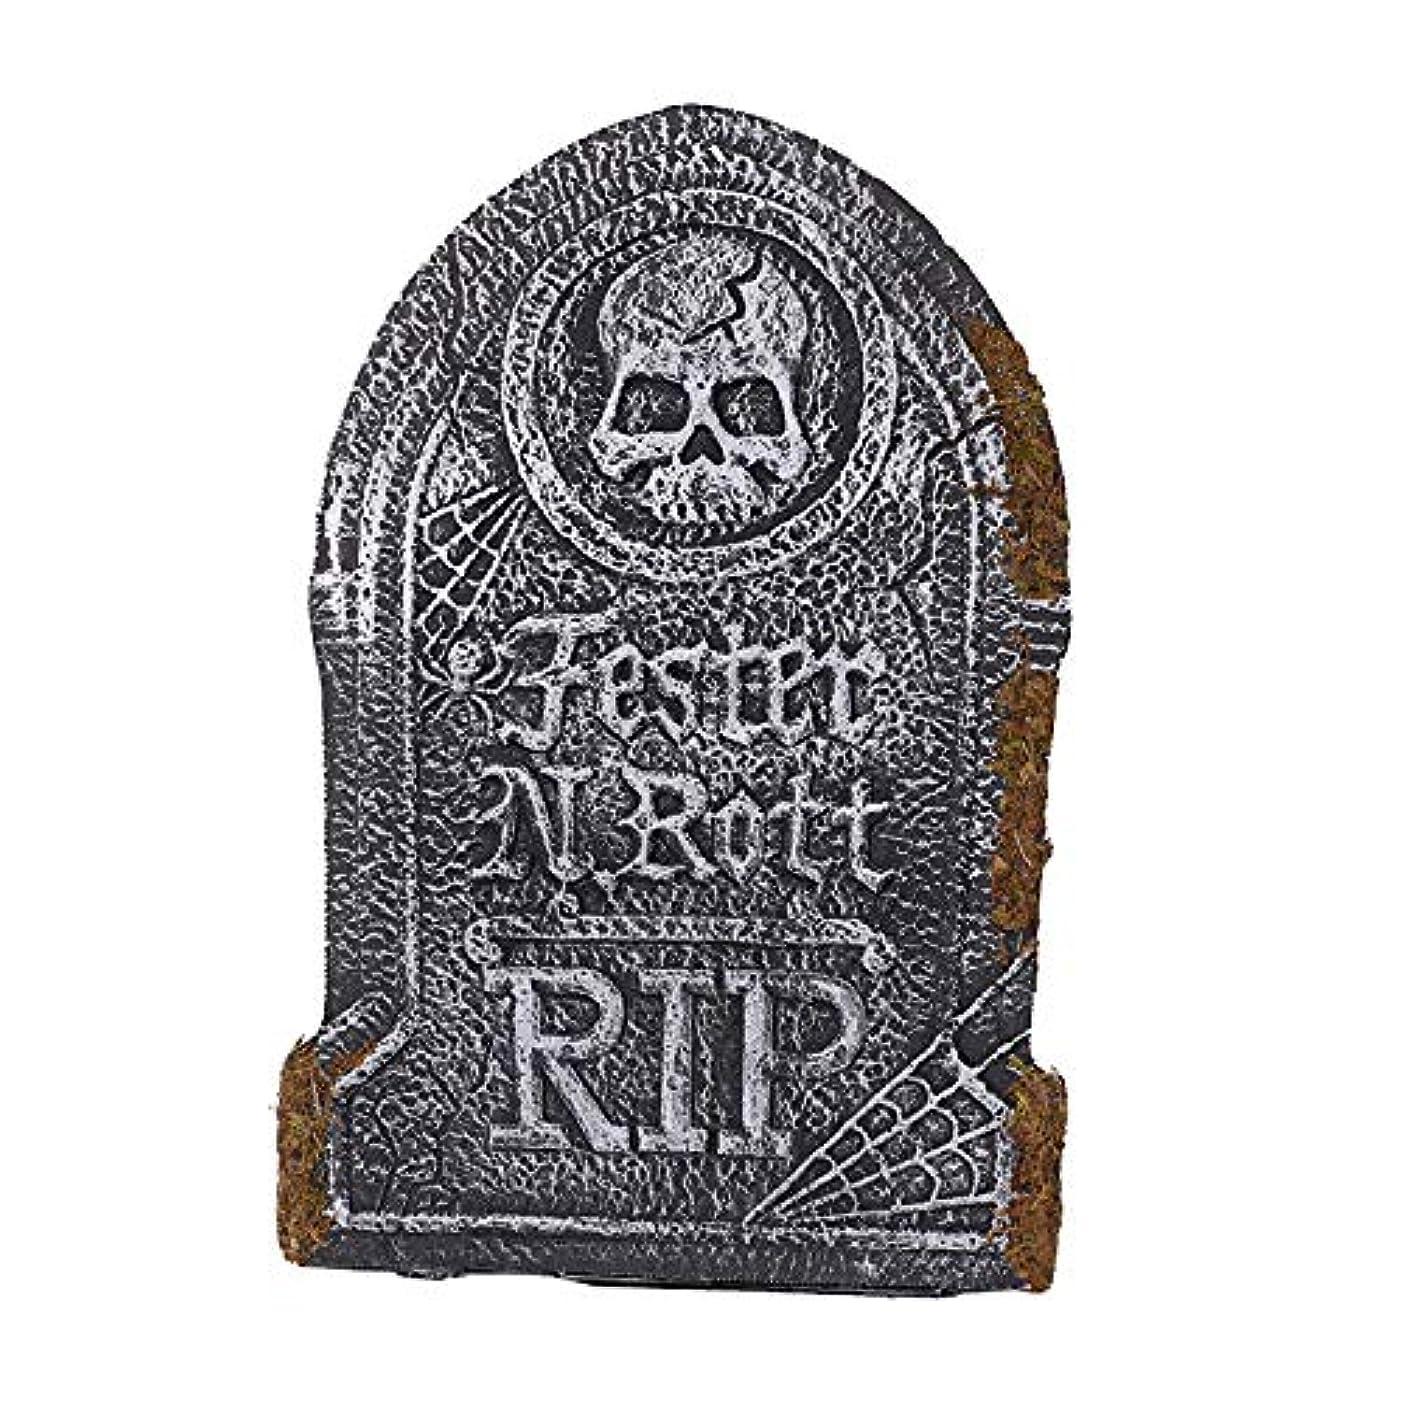 居住者個人疲れたETRRUU HOME 三次元墓石ハロウィーン怖いトリッキーな装飾バーKTホラー雰囲気の装飾写真の小道具